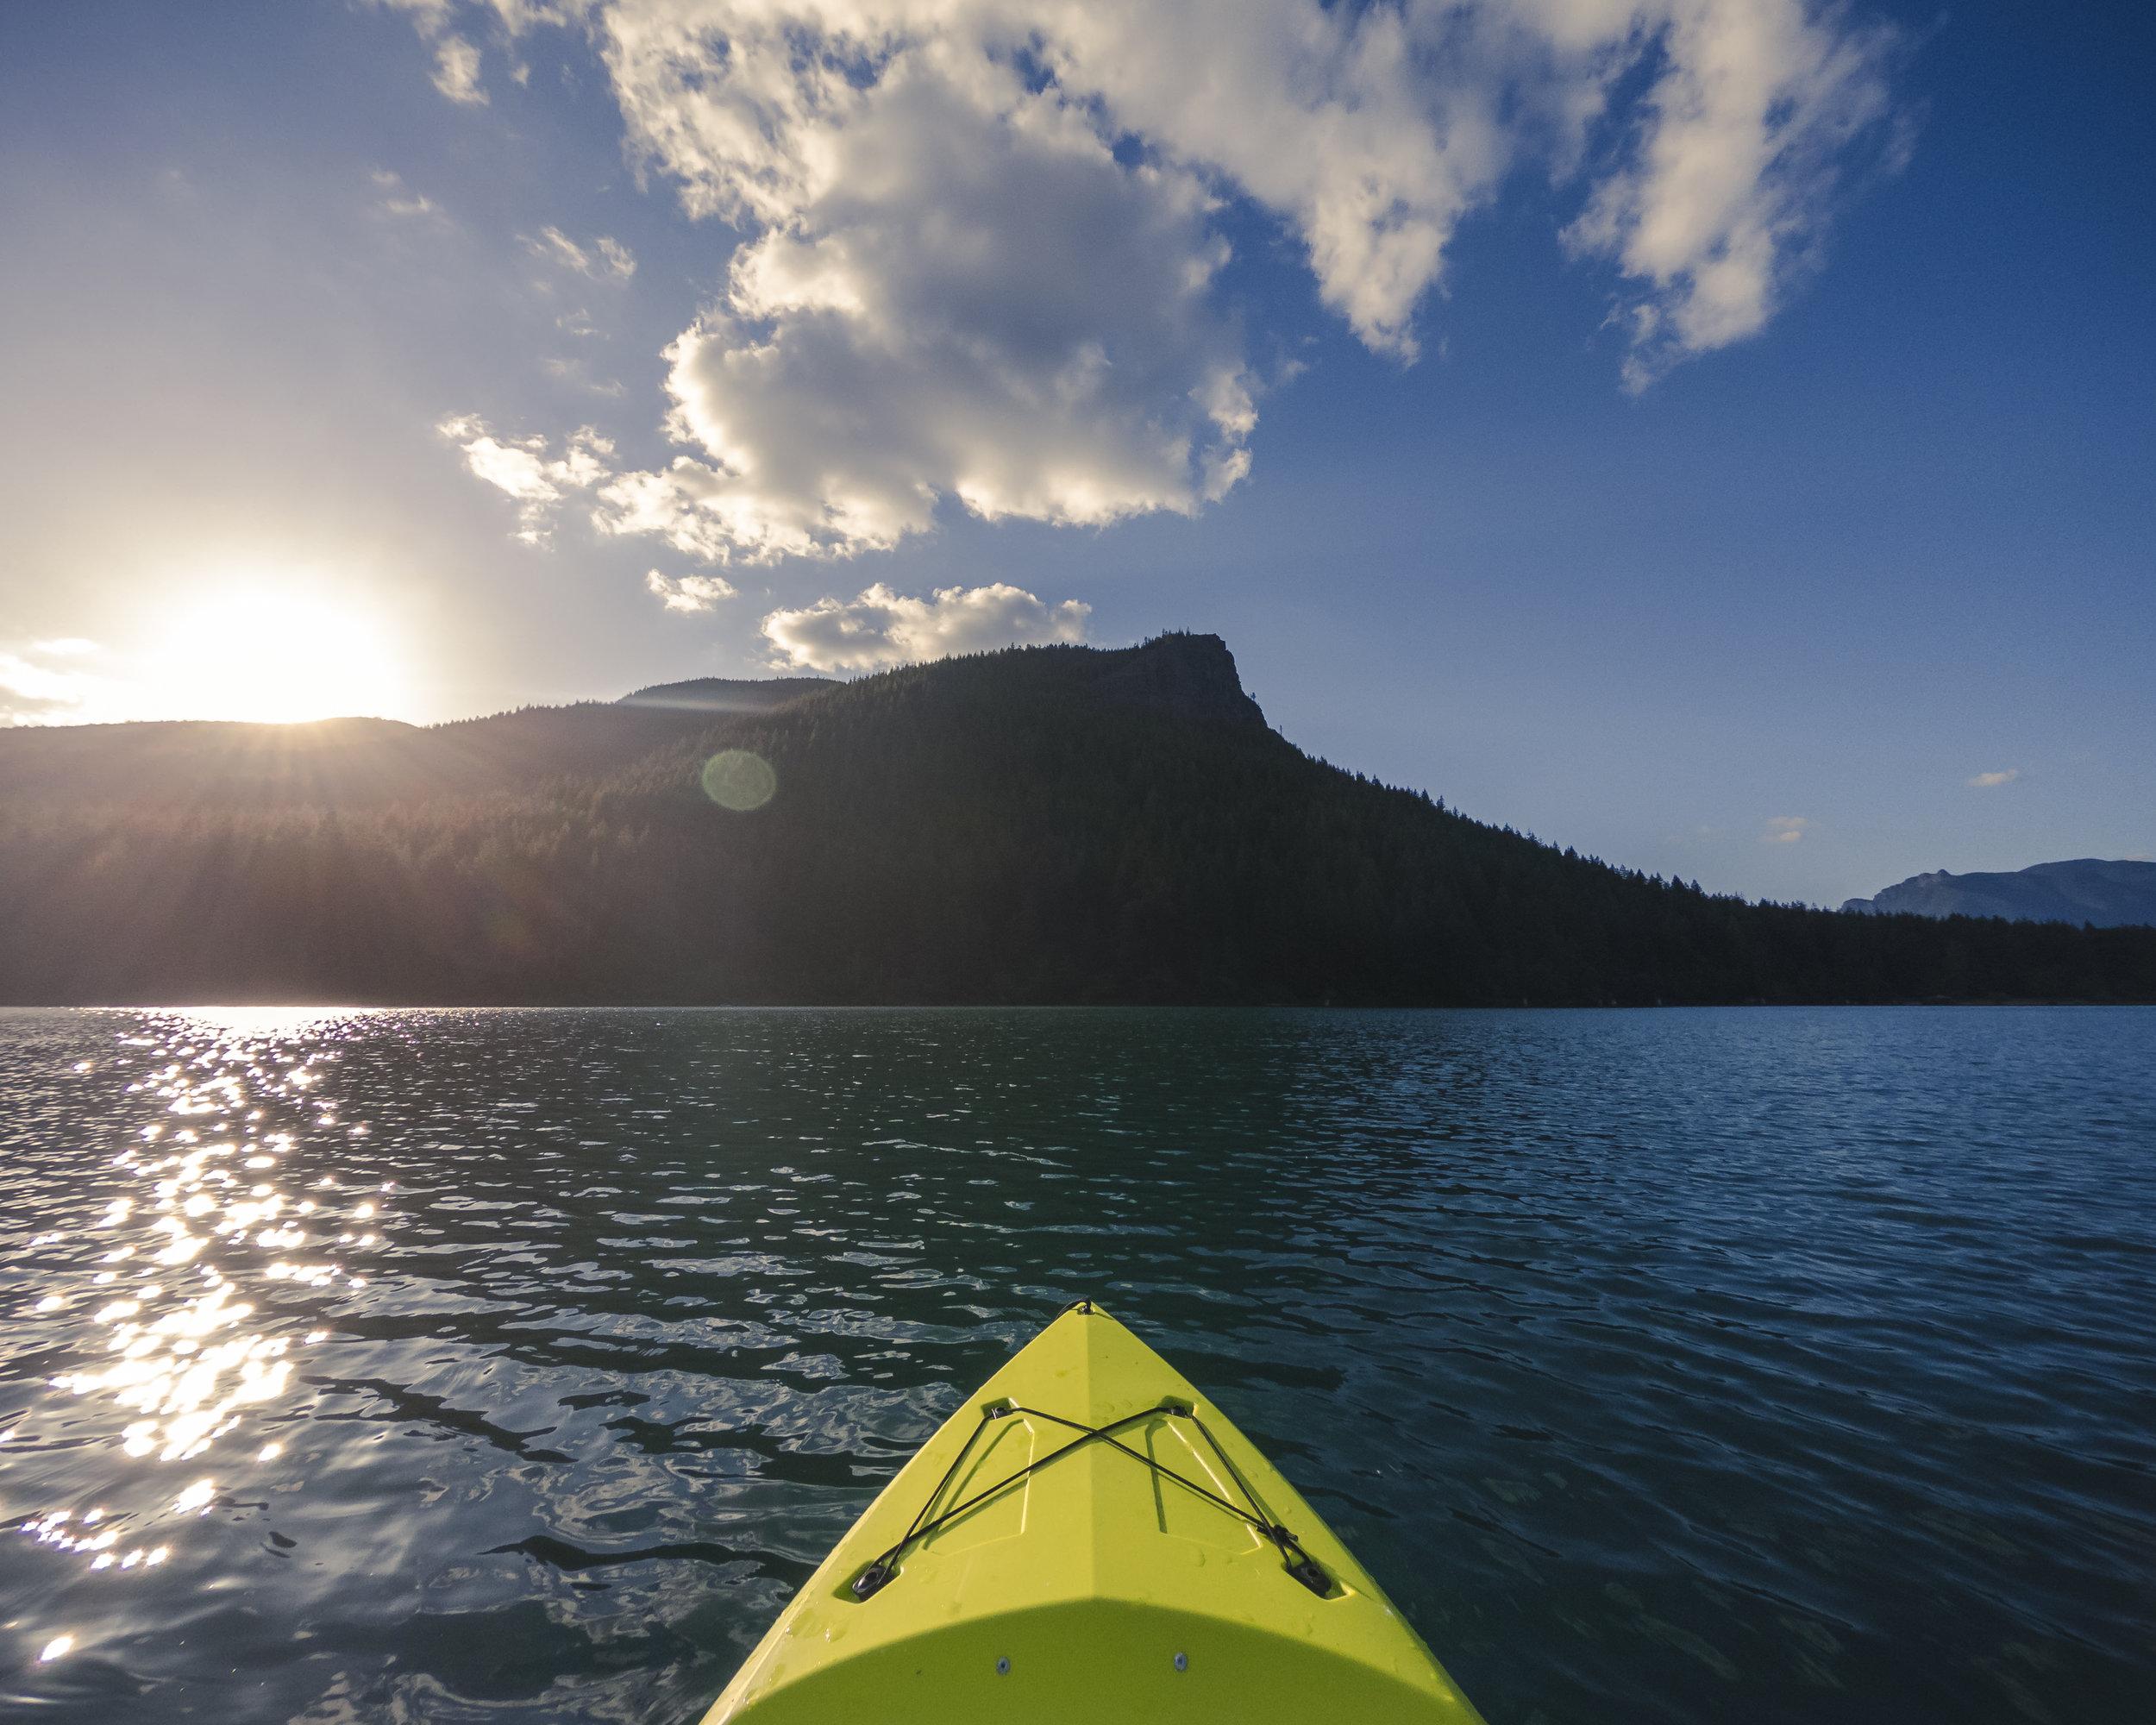 Sunset_Kayak_View_of_Rattlesnake_Lake_Below_Popular_Hiking_Ledge.jpg